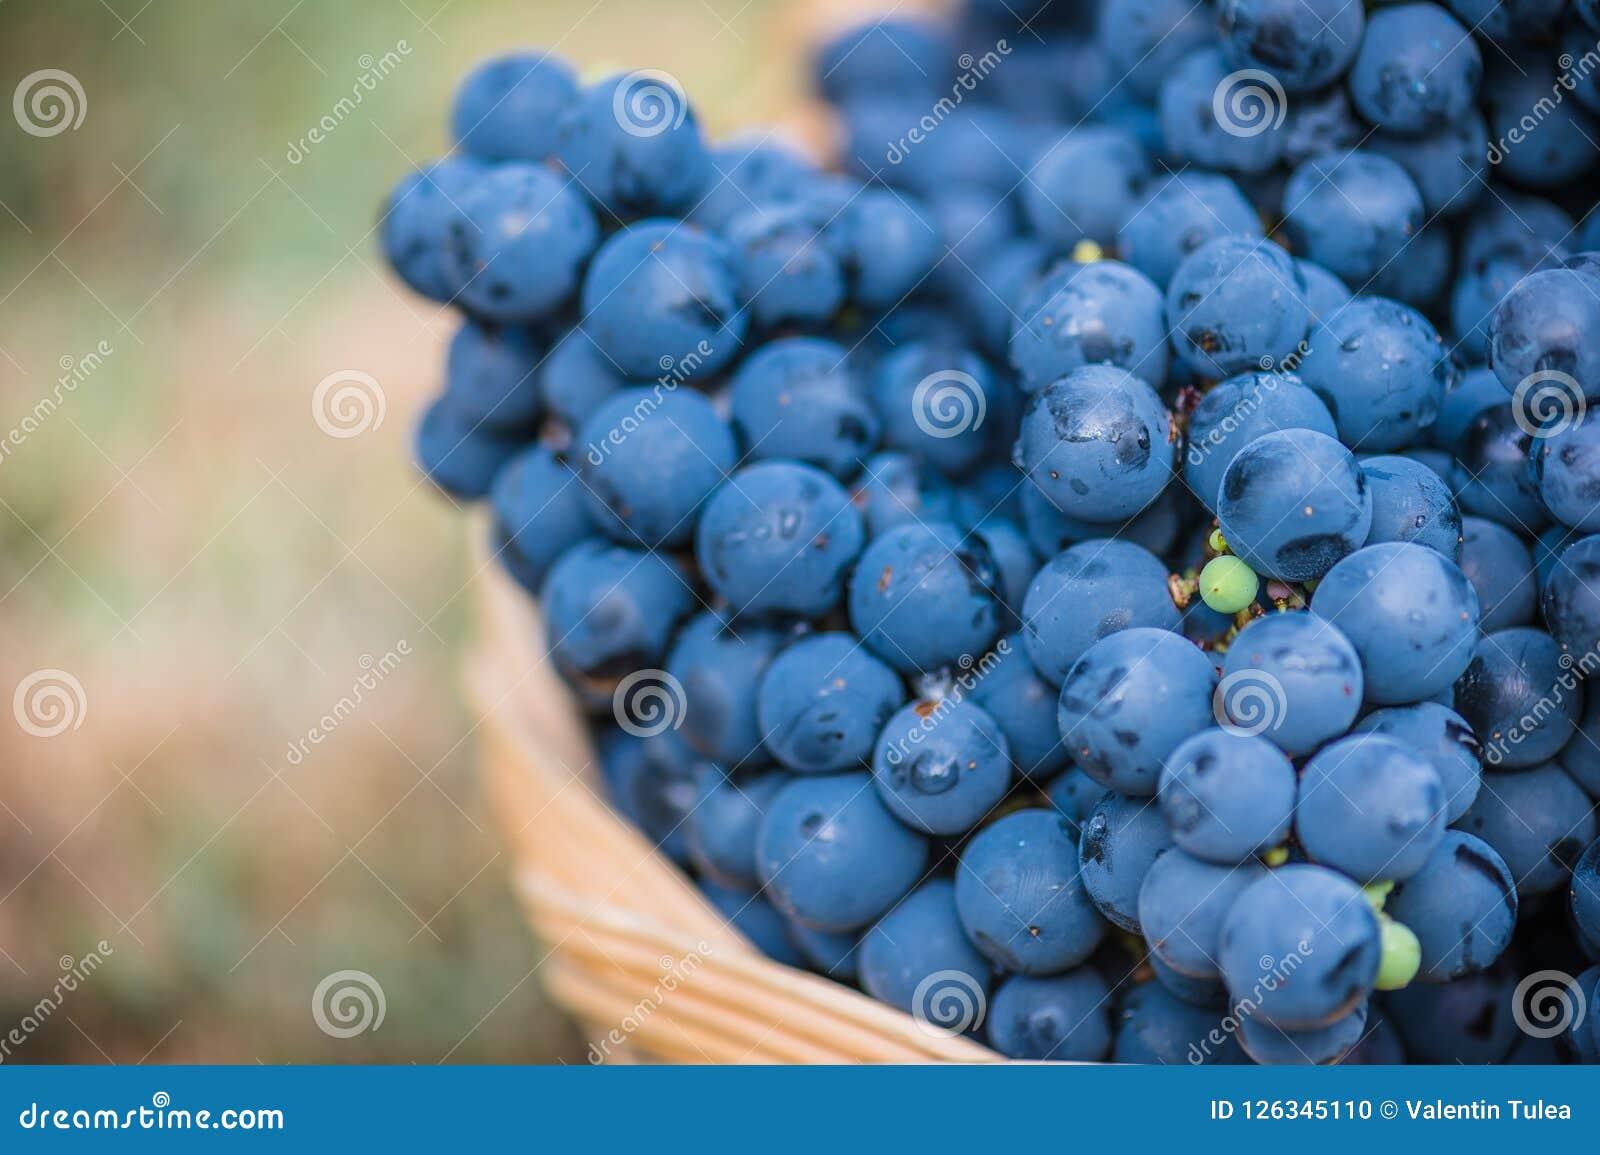 Detail eines Korbes mit Trauben Ernte der blauen Traube Lebensmittel, Burgunder Herbst im Garten